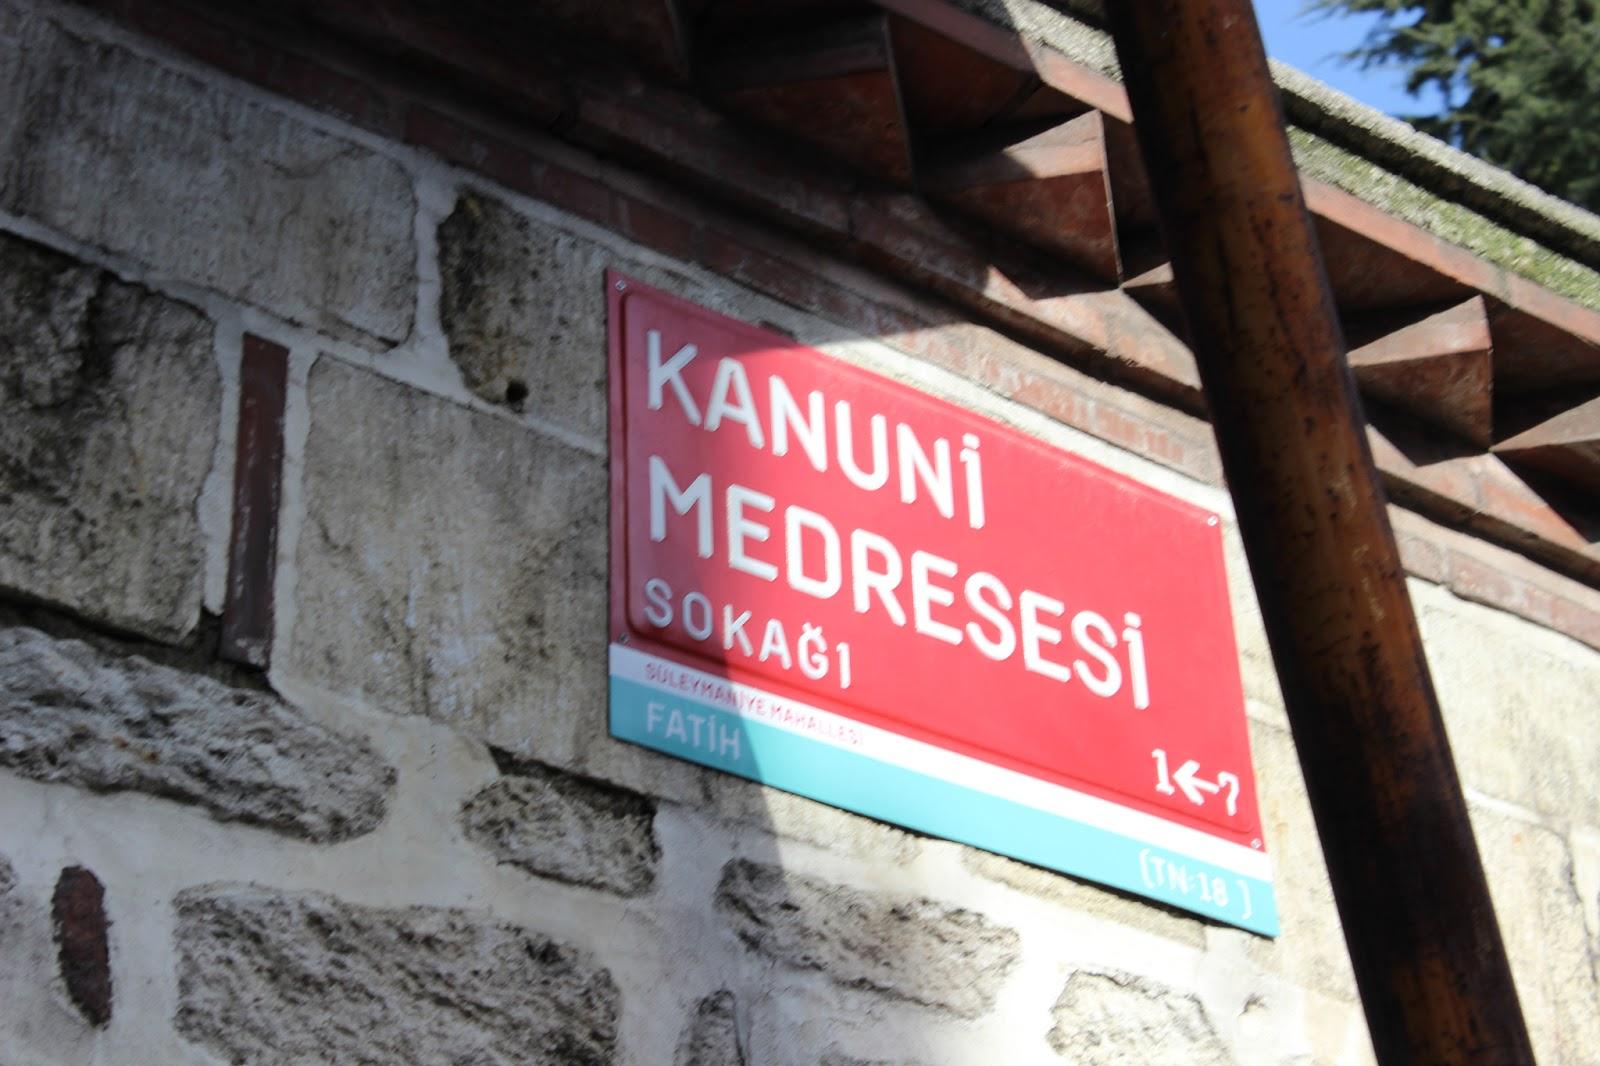 Kanuni medresesi sokağı